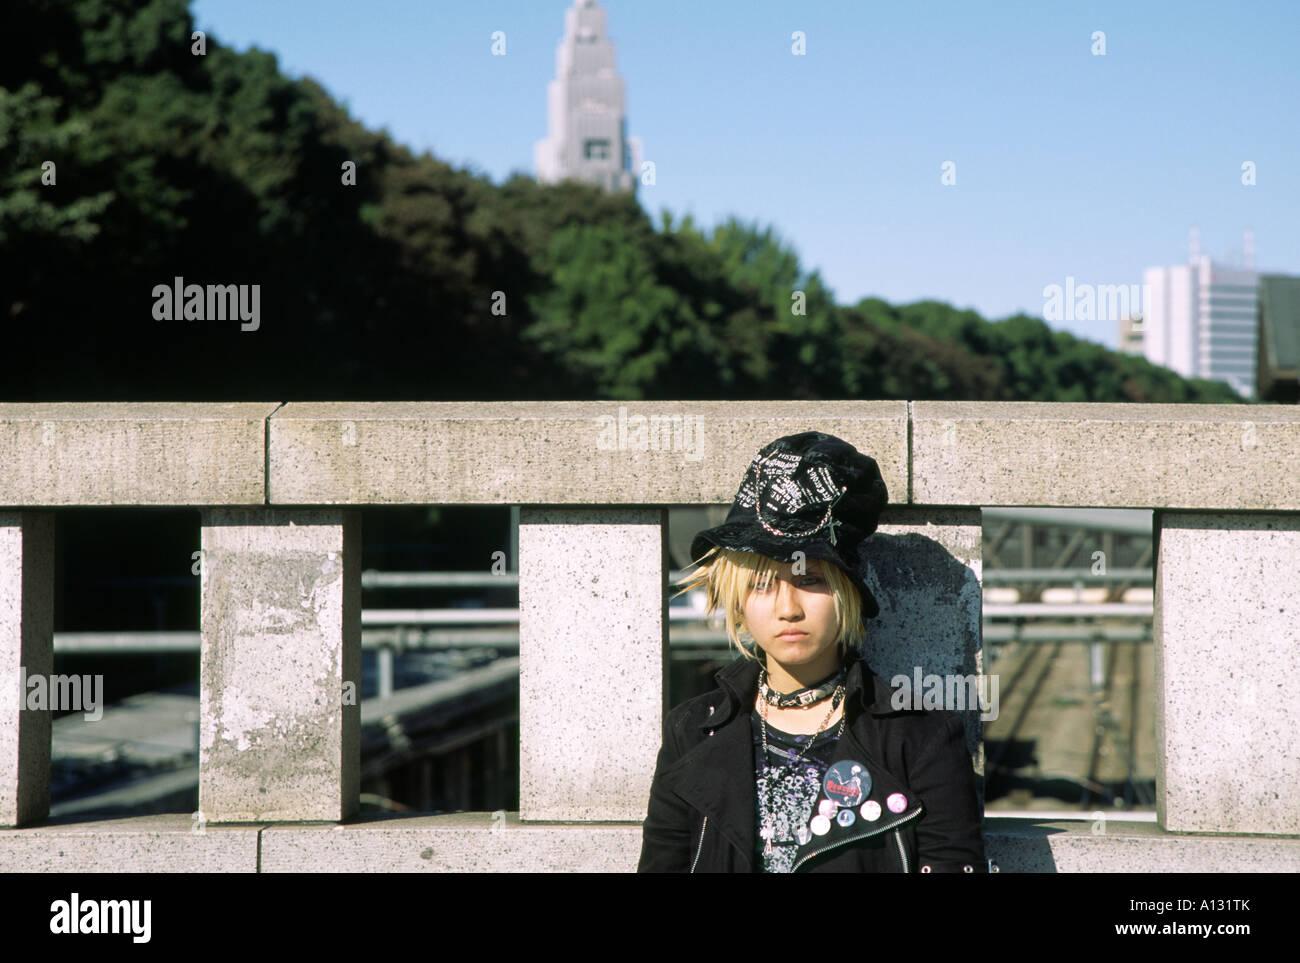 Una cosplay girl en el puente, cerca de la estación Harajuku donde cada domingo de Tokio modas más salvajes Imagen De Stock